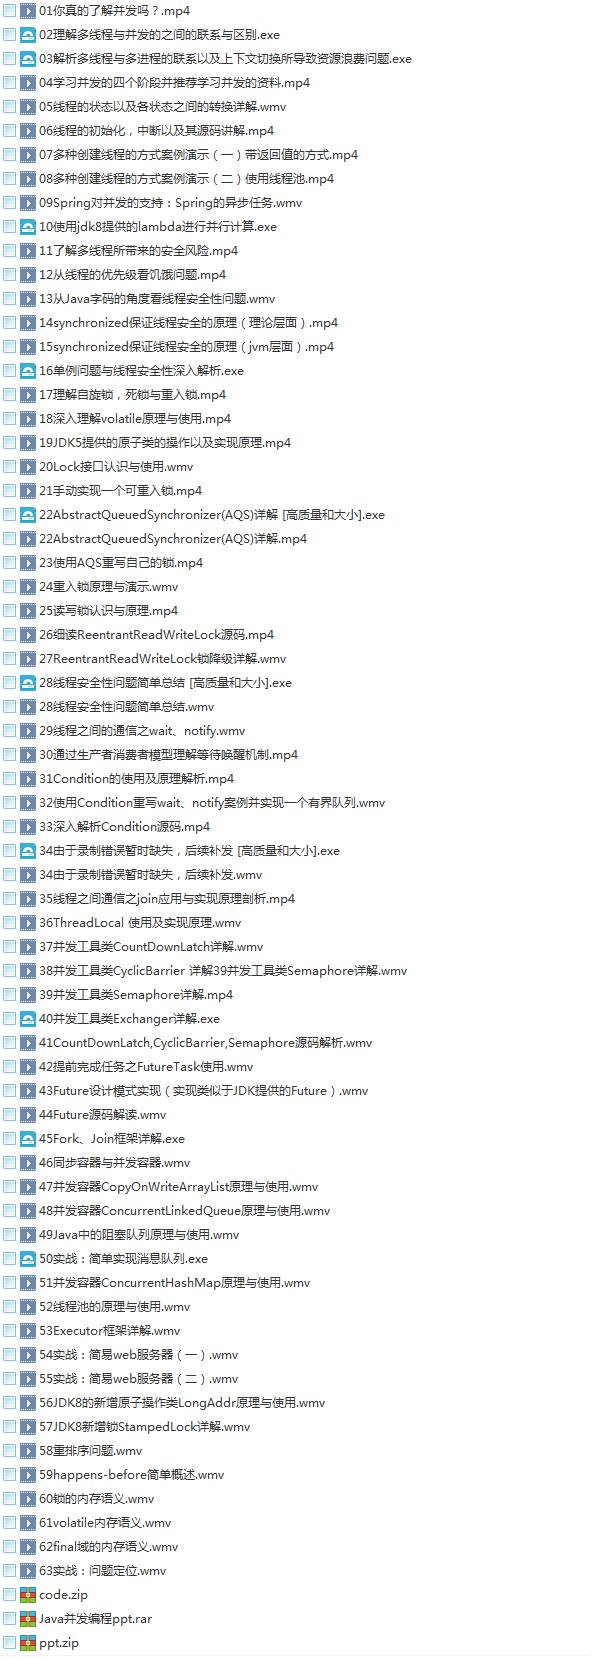 39套Java进阶高级架构师教程_Javaweb项目案例实战编程视频自学培训插图(29)